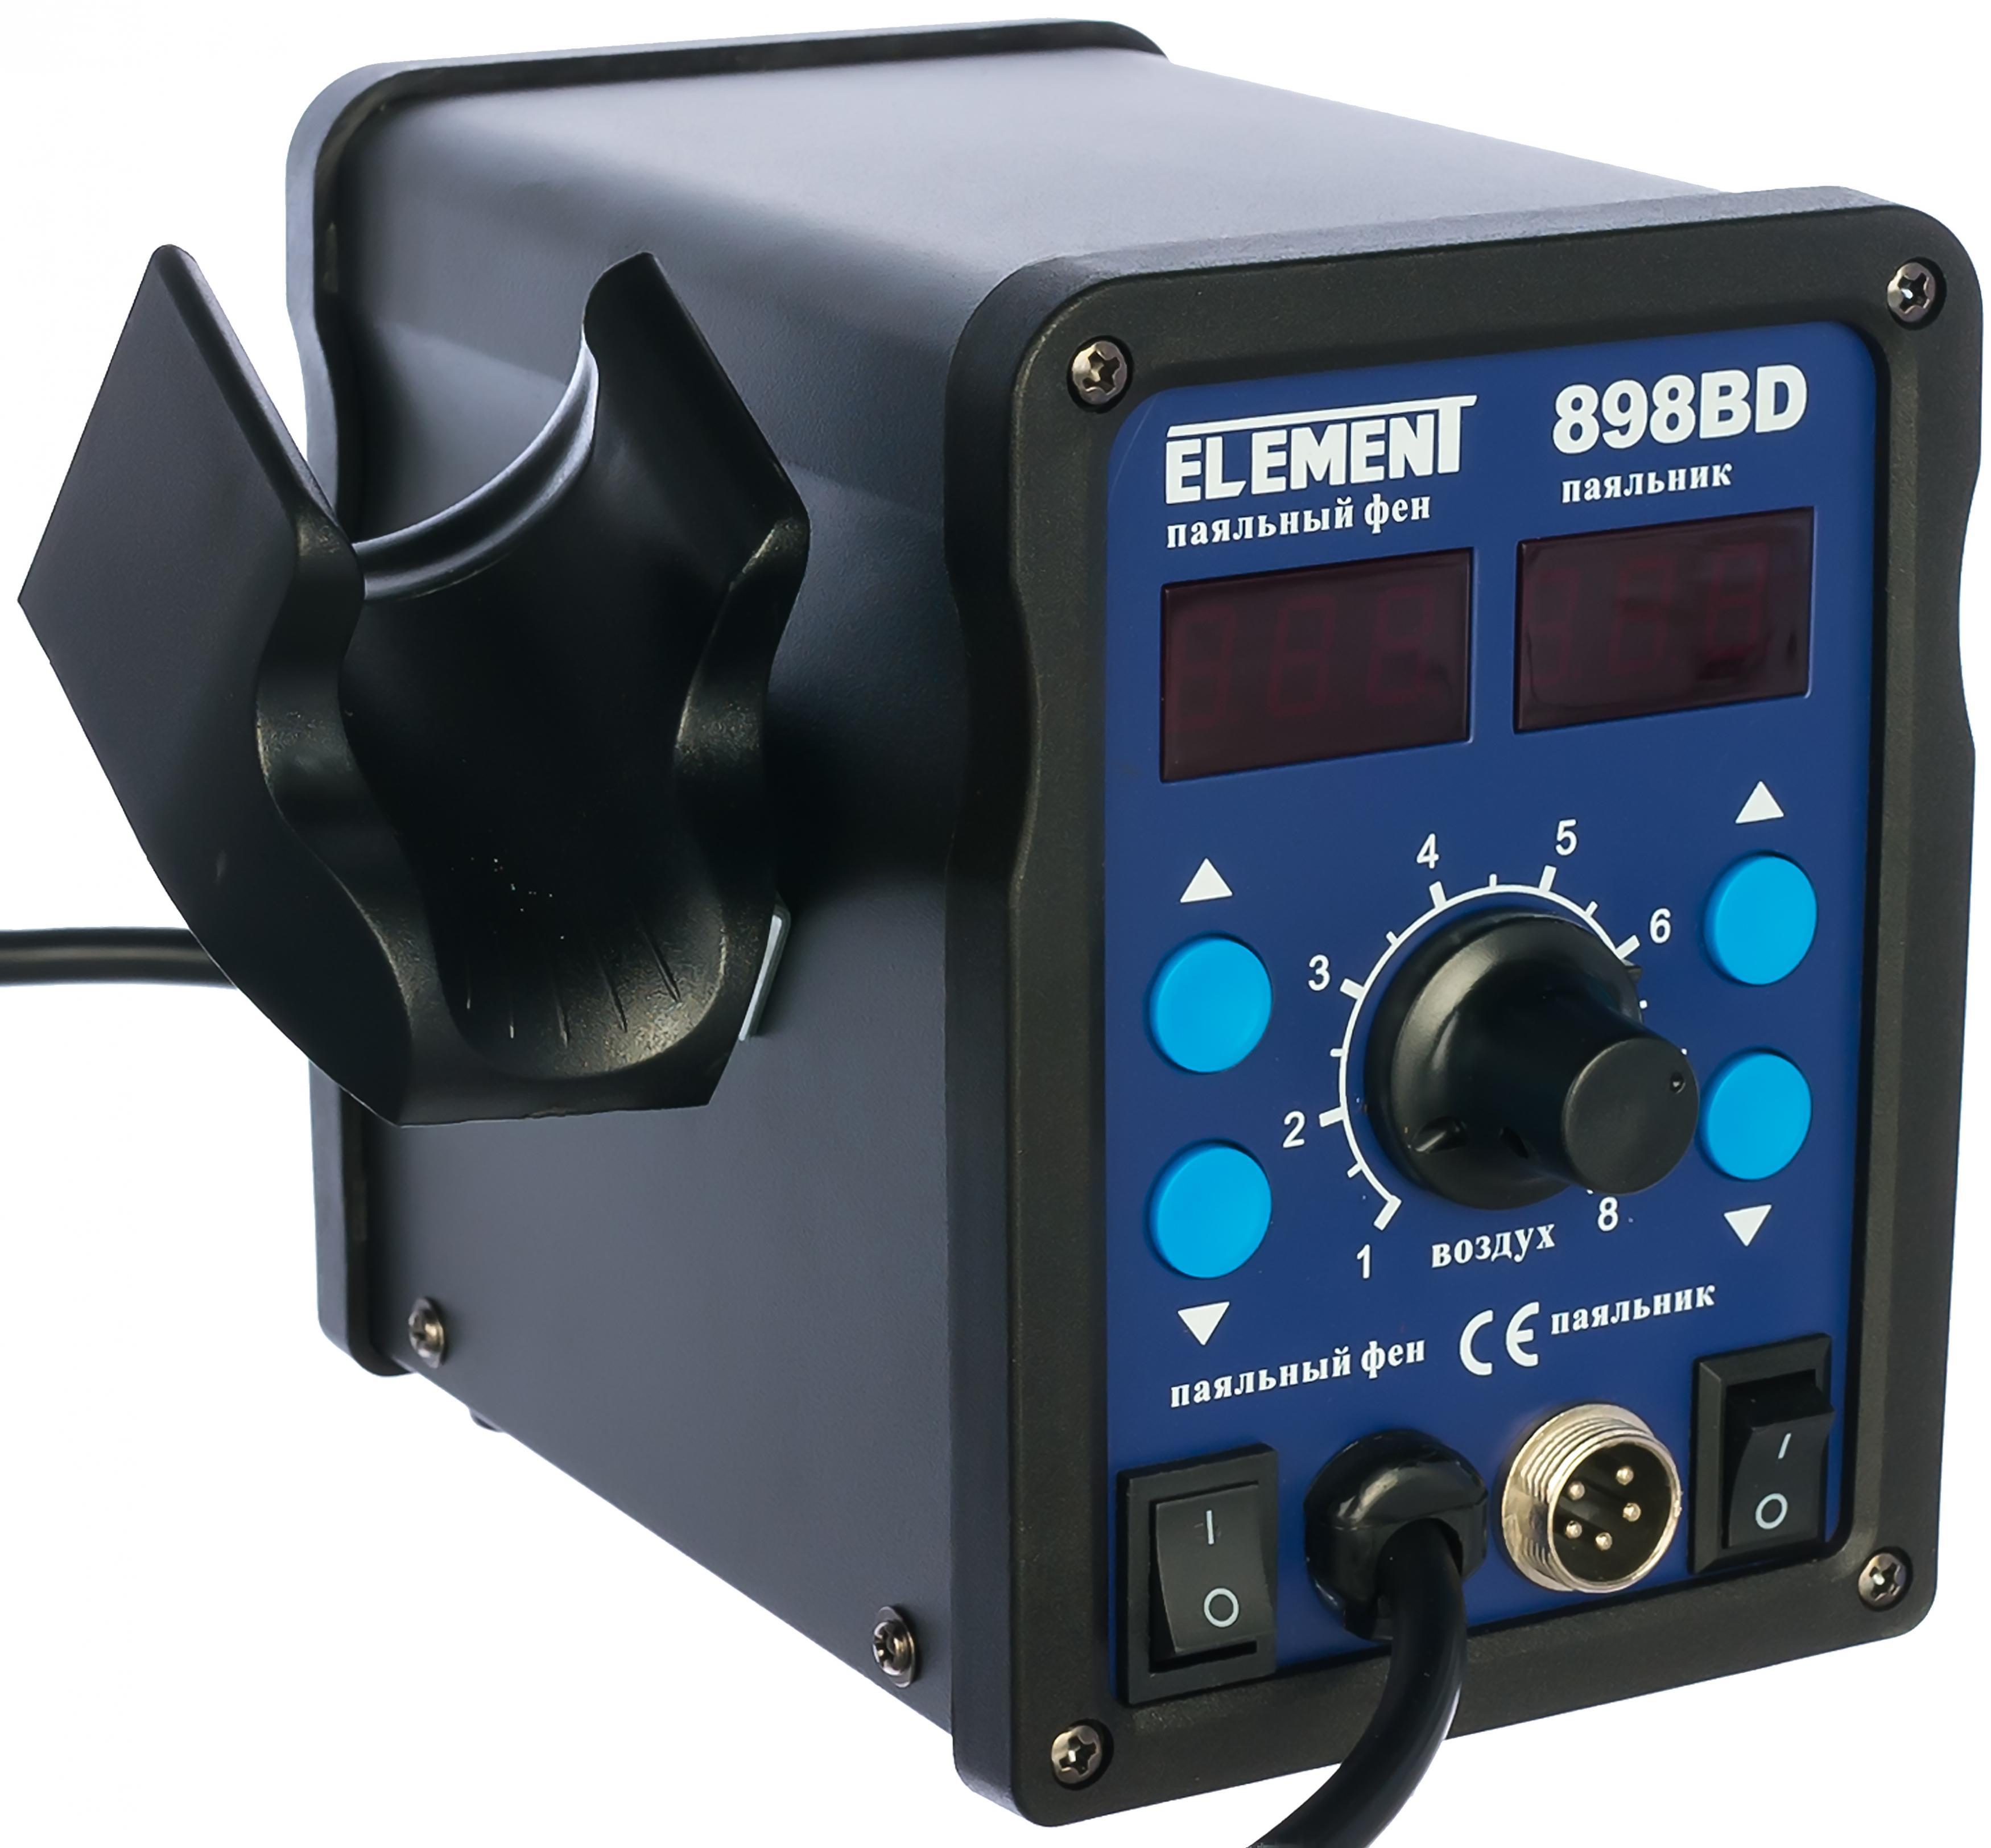 Паяльная станция Element 898bd паяльная станция element 878d 15299